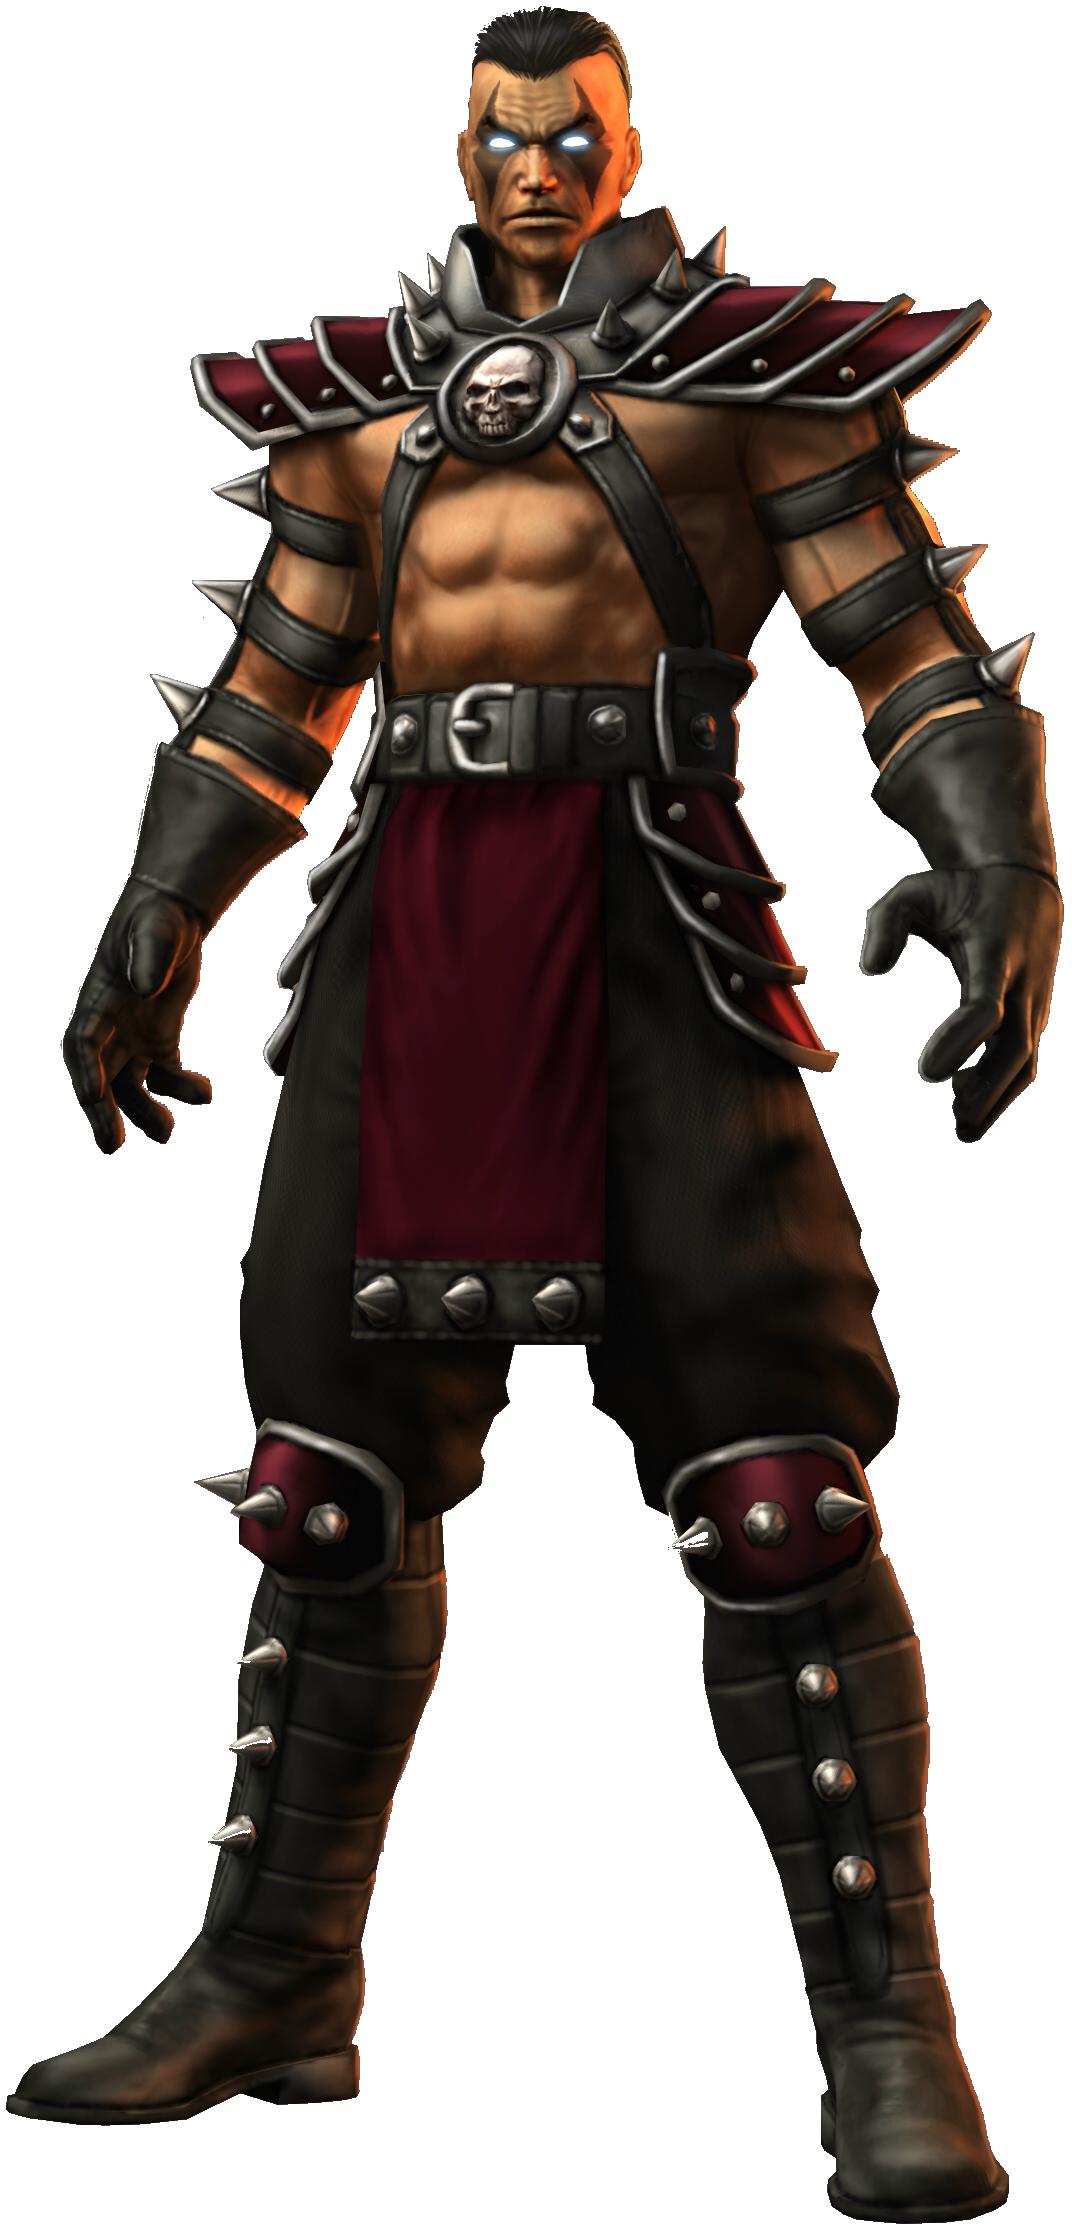 Reiko | Mortal Kombat Wiki | FANDOM powered by Wikia